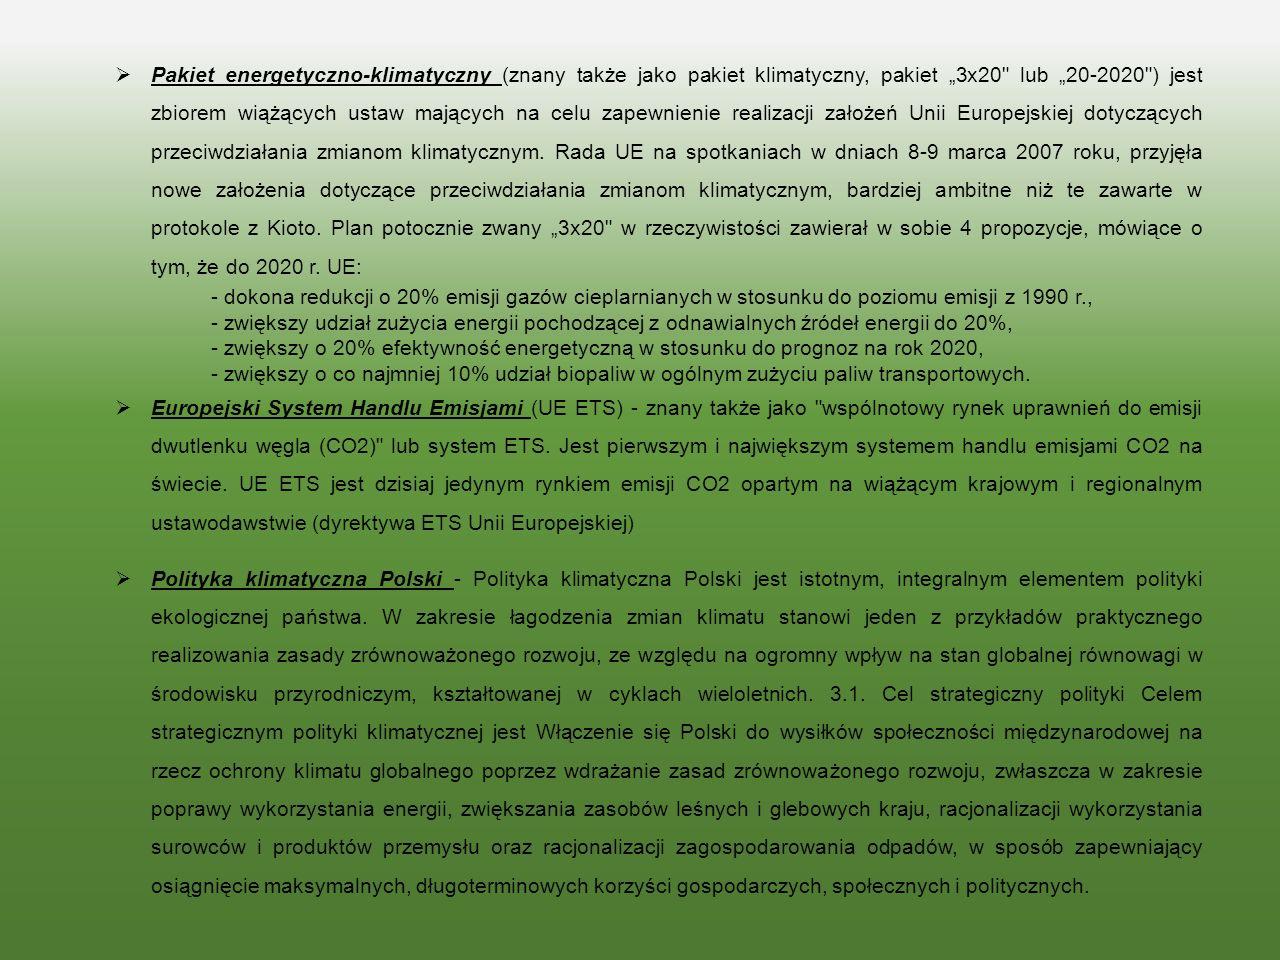 """Pakiet energetyczno-klimatyczny (znany także jako pakiet klimatyczny, pakiet """"3x20 lub """"20-2020 ) jest zbiorem wiążących ustaw mających na celu zapewnienie realizacji założeń Unii Europejskiej dotyczących przeciwdziałania zmianom klimatycznym. Rada UE na spotkaniach w dniach 8-9 marca 2007 roku, przyjęła nowe założenia dotyczące przeciwdziałania zmianom klimatycznym, bardziej ambitne niż te zawarte w protokole z Kioto. Plan potocznie zwany """"3x20 w rzeczywistości zawierał w sobie 4 propozycje, mówiące o tym, że do 2020 r. UE:"""